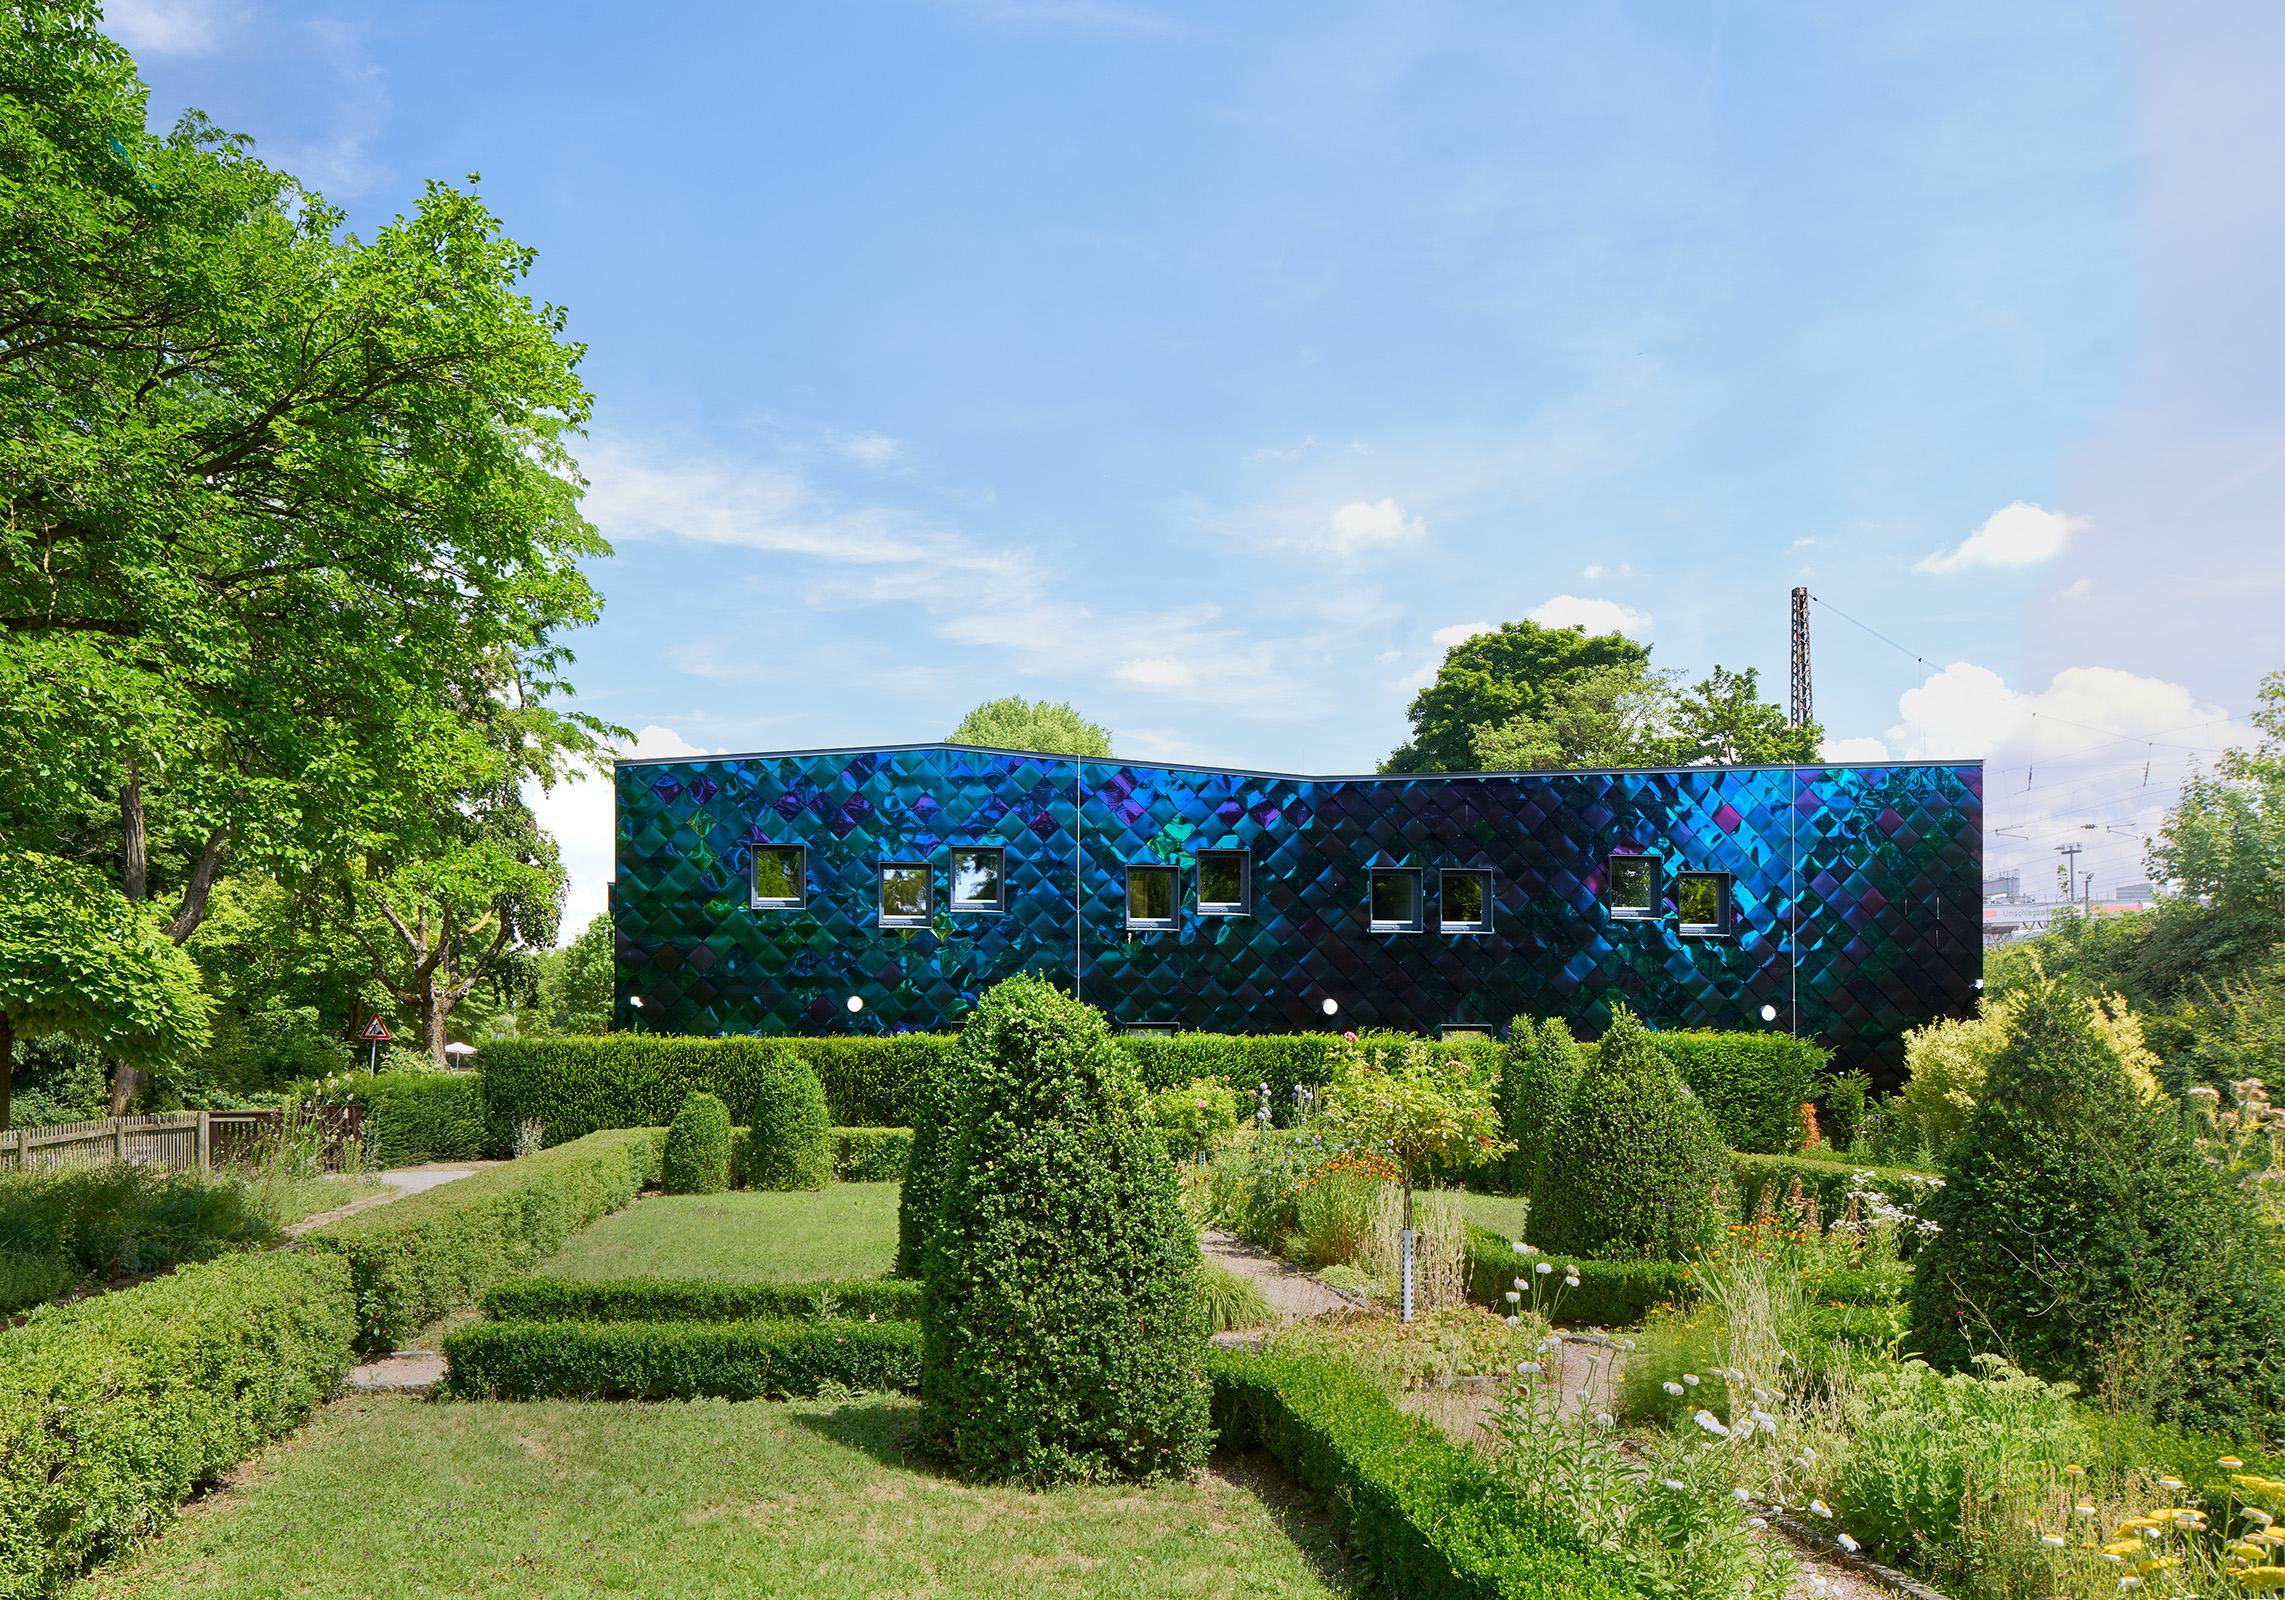 Übernachtungsstätte für Obdachlose im Ostpark, Frankfurt am Main // Konzept & Entwurf: Michel Müller / Studio MC, Darmstadt // Ausführung: hks architekten, Erfurt